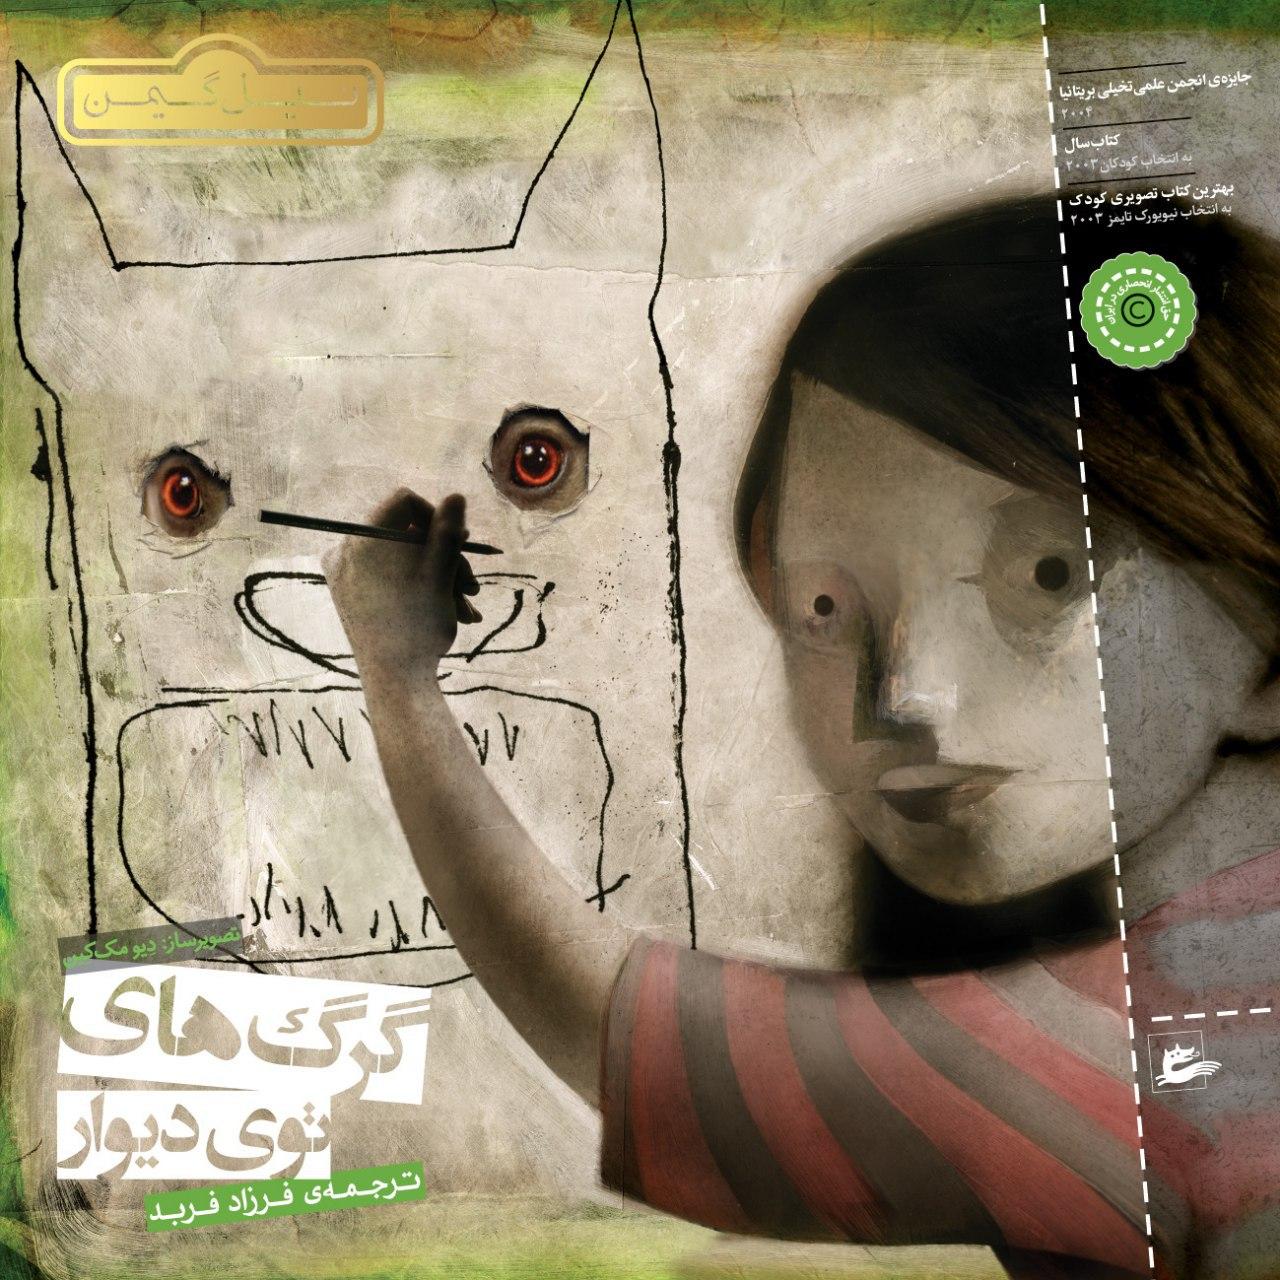 Vargarna i väggen (persiska: Gorghay-e toy-e divar) av Neil Gaiman